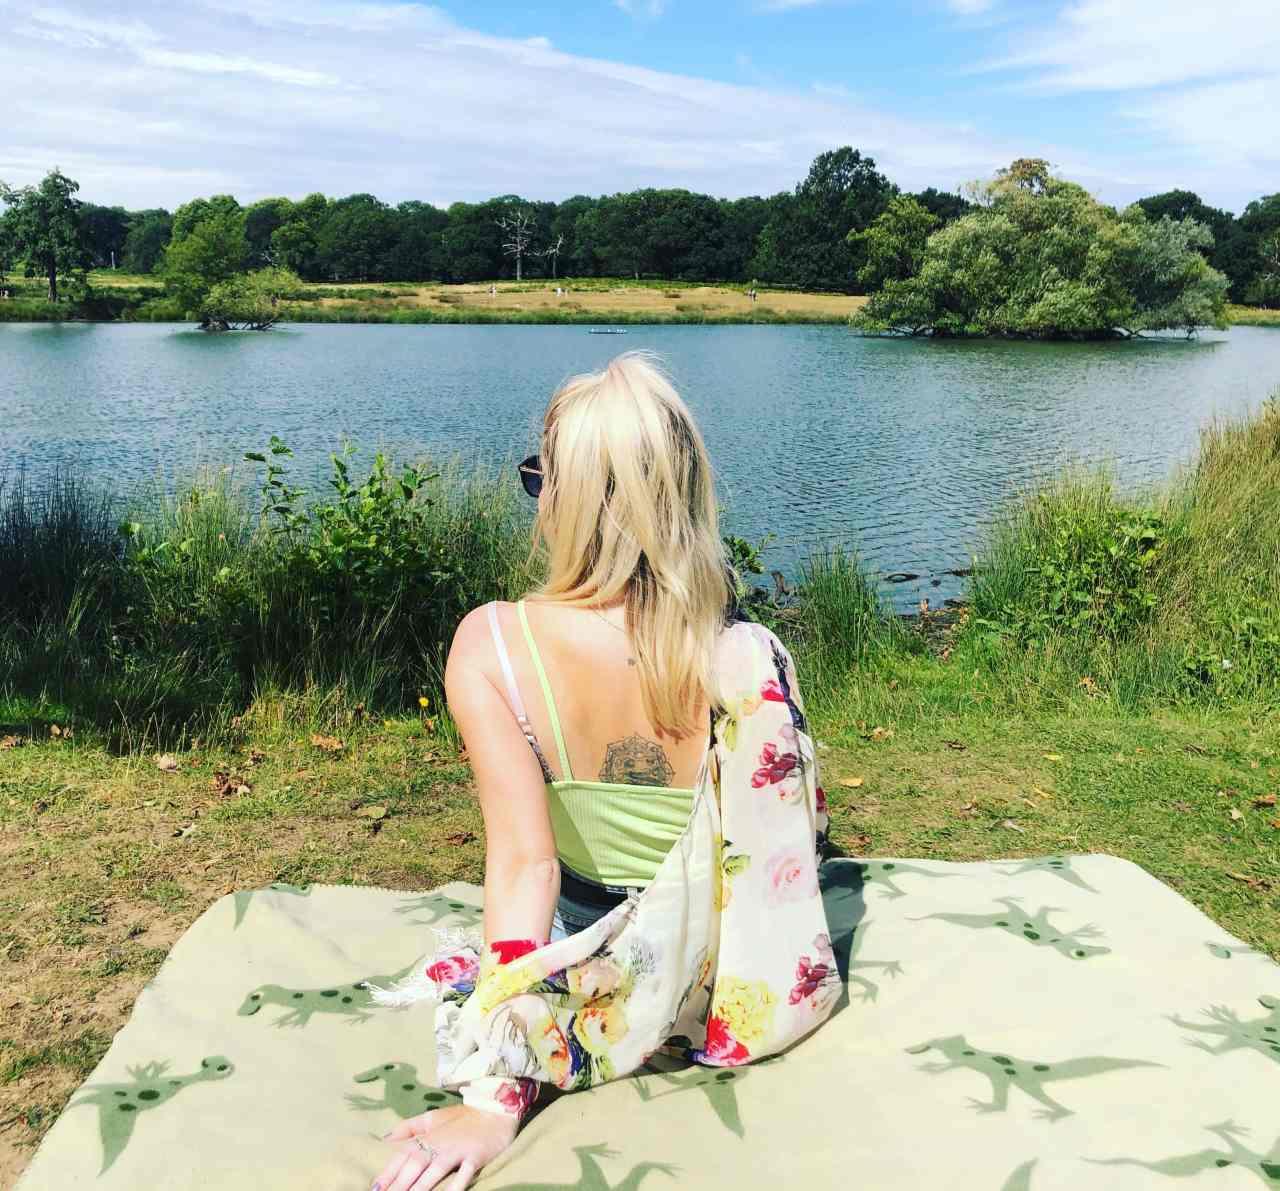 Richmond park picnic by the lake